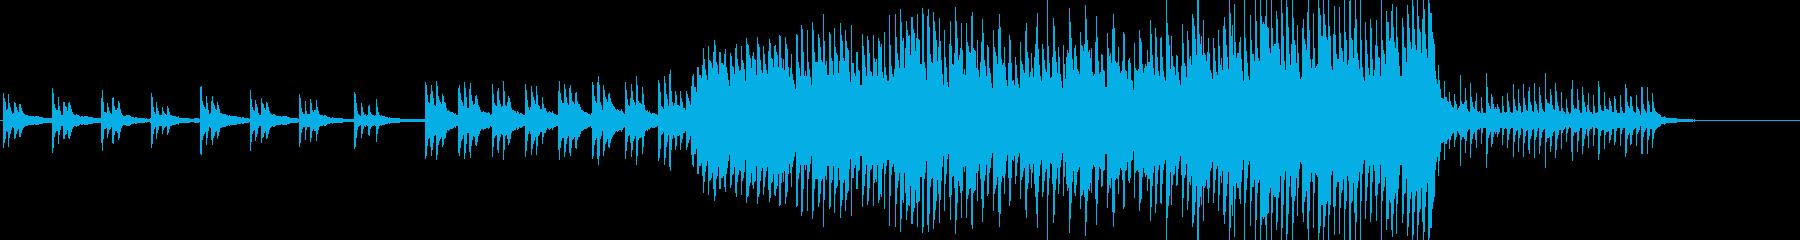 雨をイメージした変拍子ピアノソロの再生済みの波形